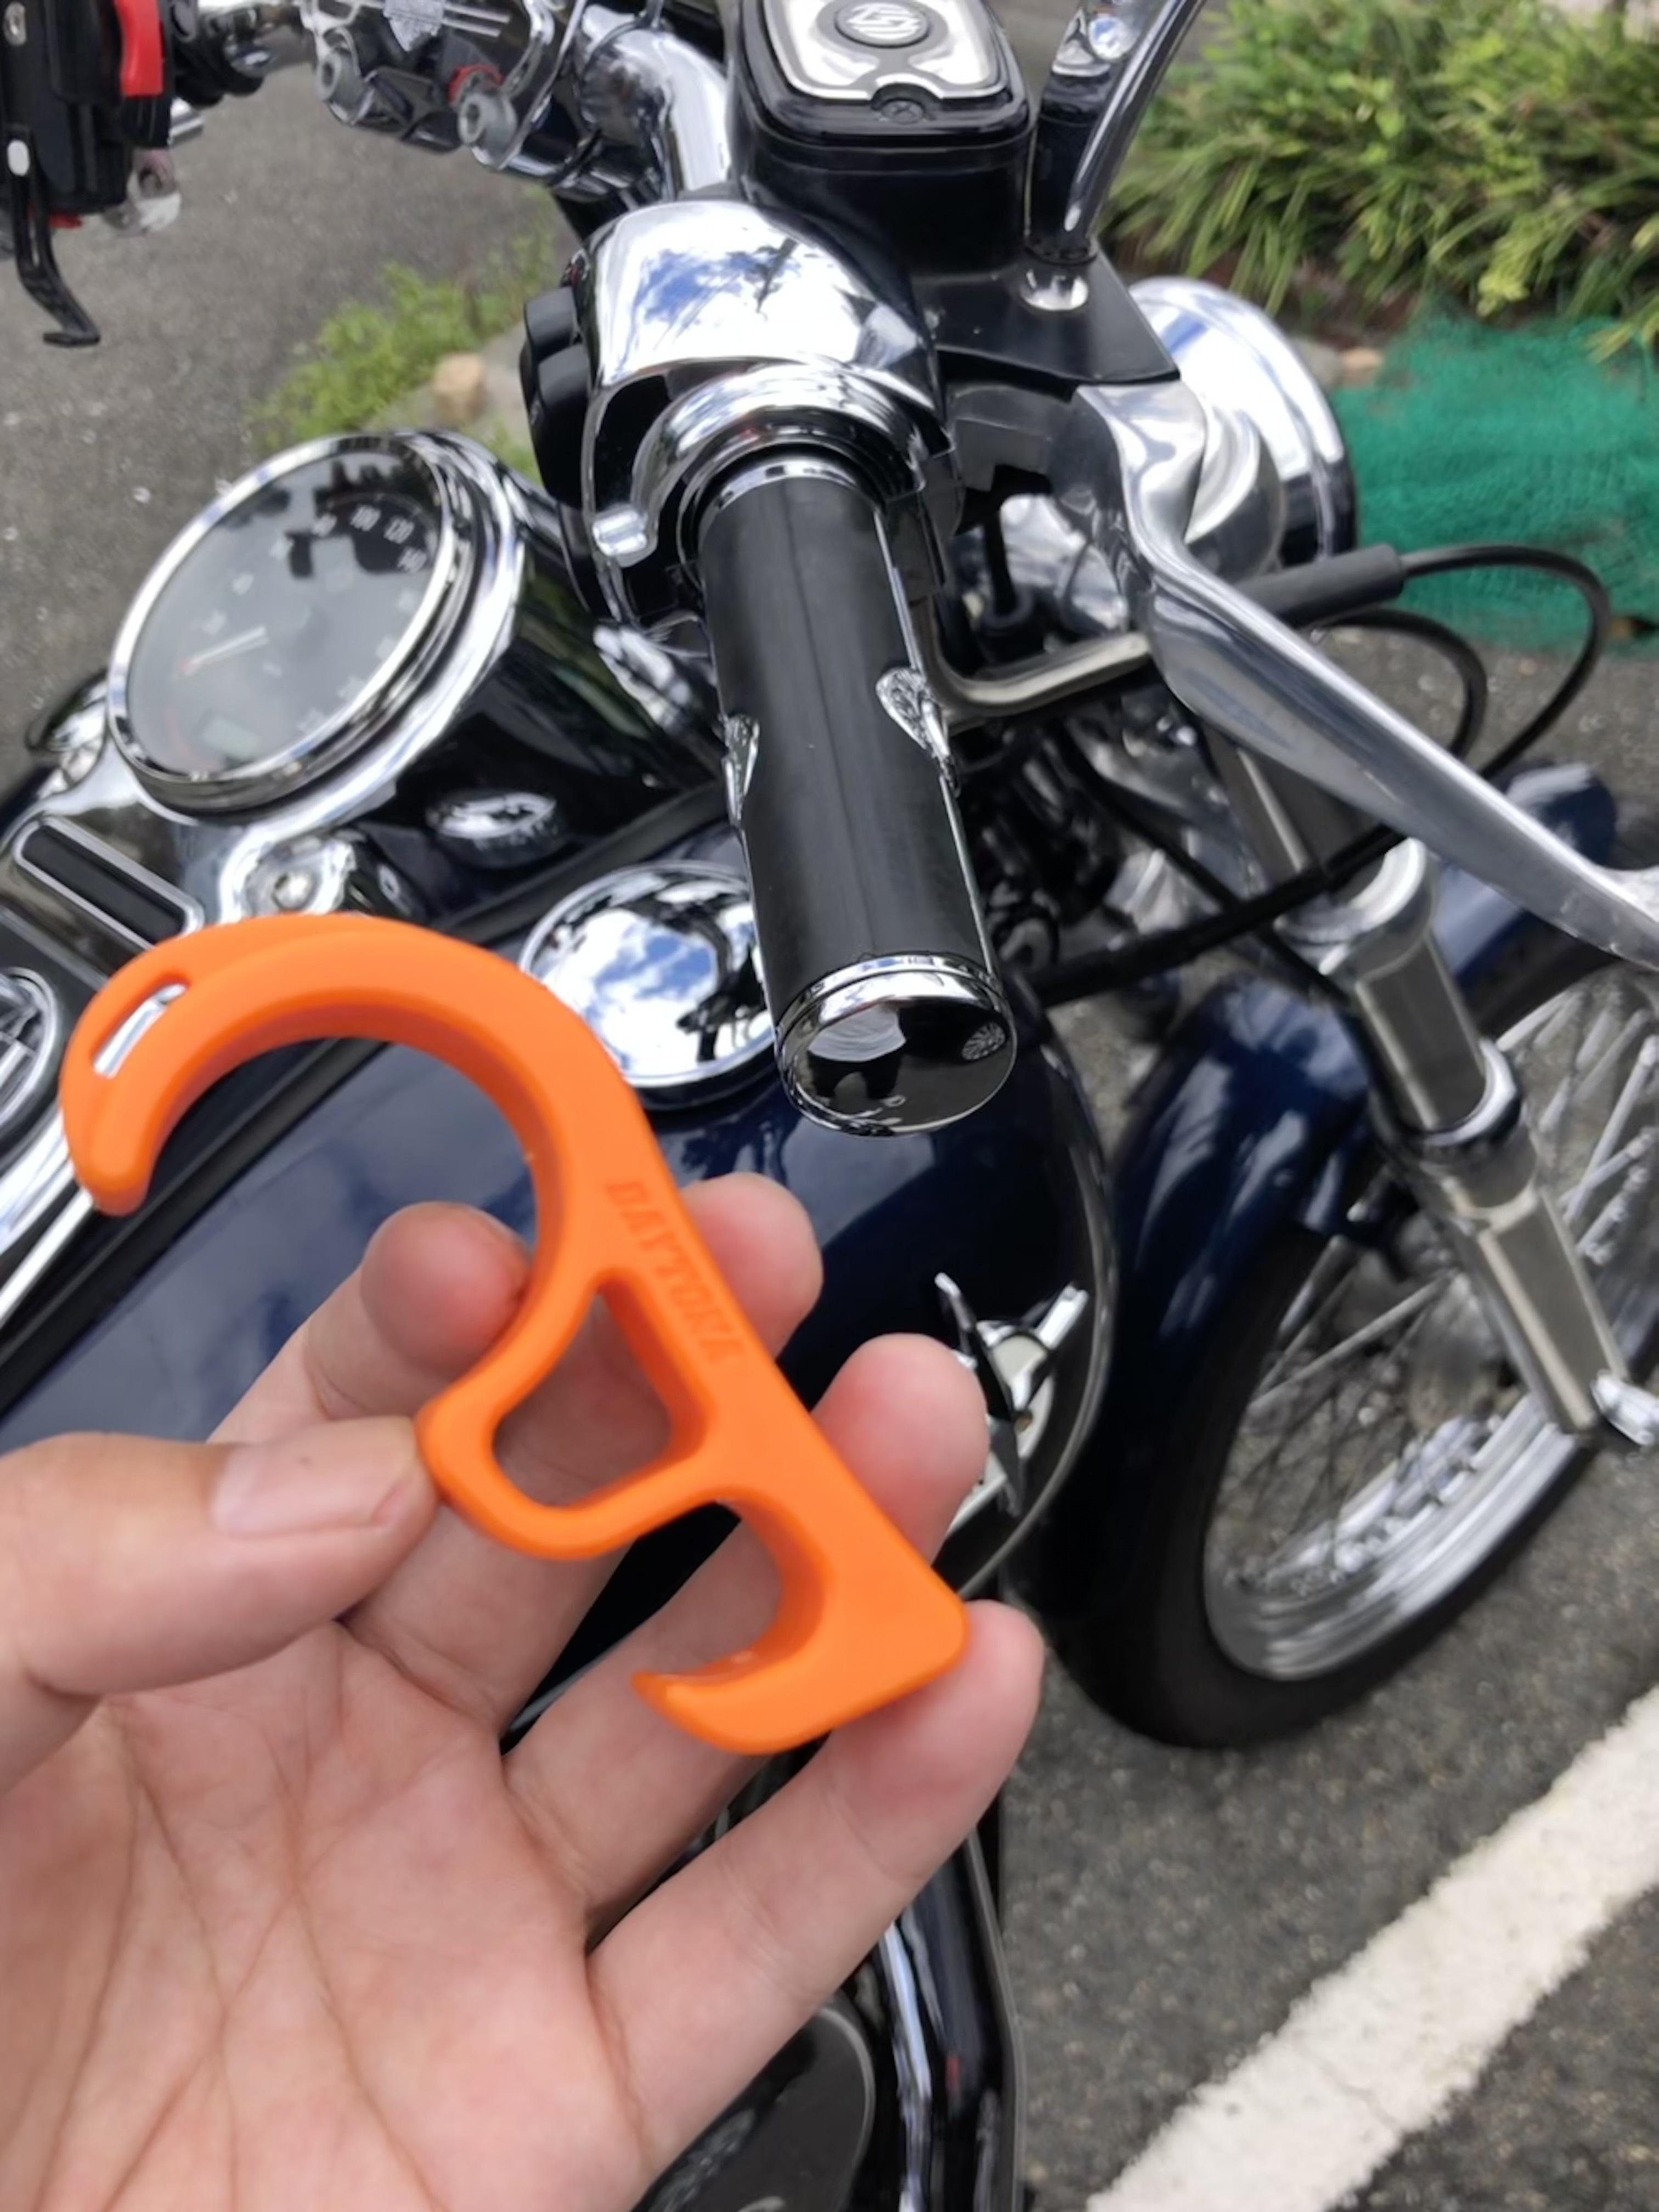 ハーレ バイク メンテナンス フロントブレーキロック 転倒防止 坂道転倒 転倒抑止